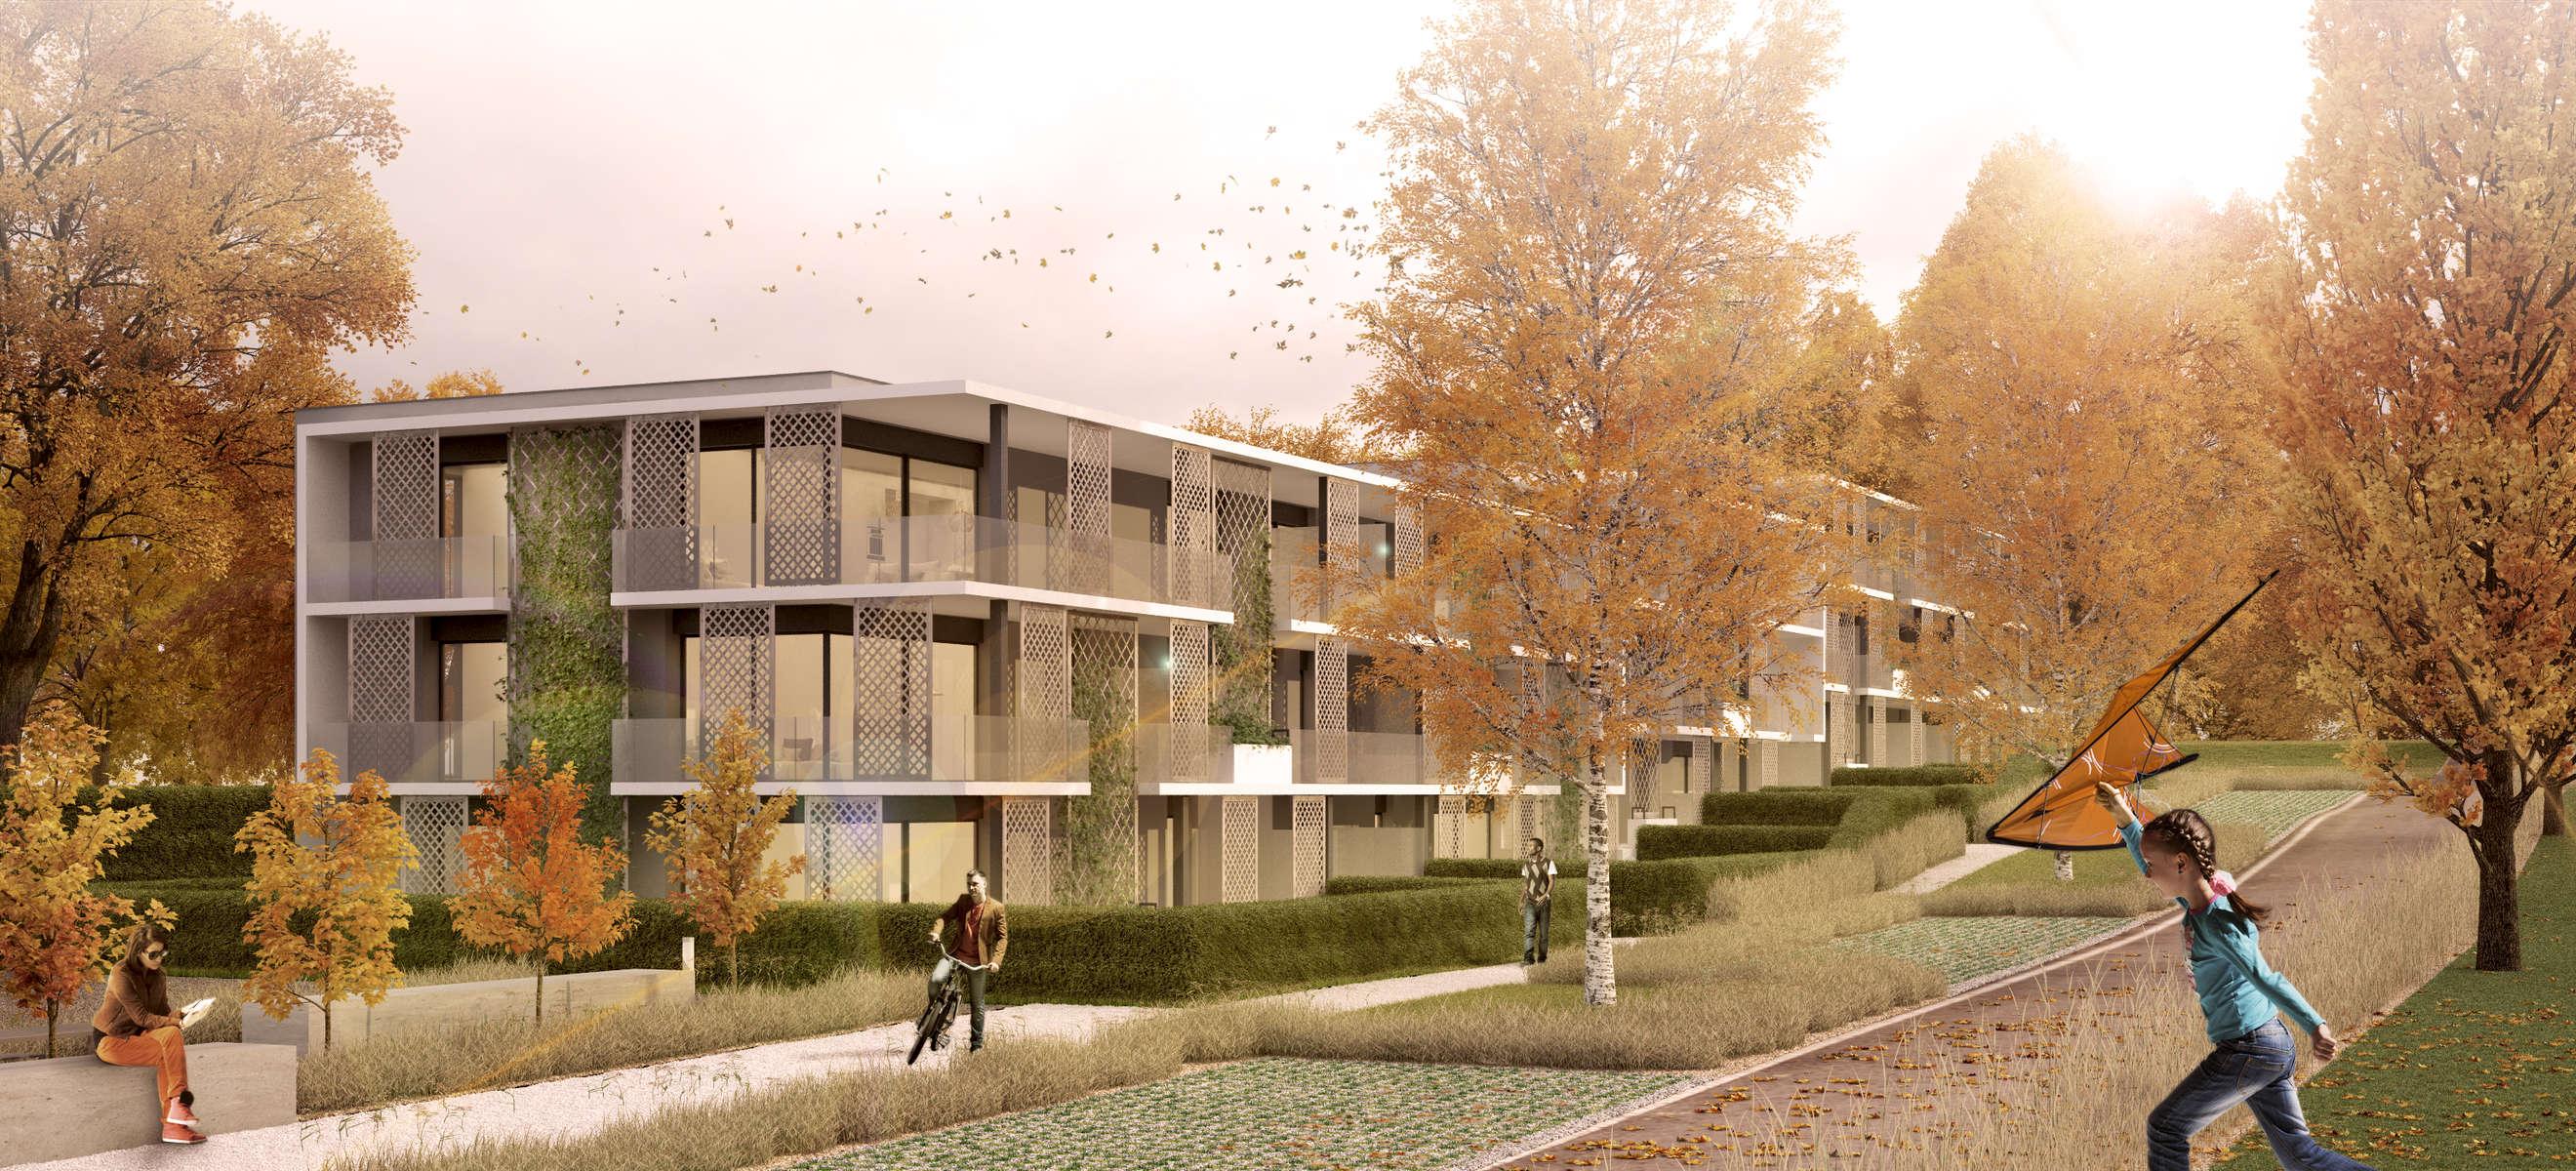 (ris+partenaires 2015 en cours)Projet: Constructon de 22 logements HPECollonge-Bellerive - SuisseSurface: 2'115 m2Chef de projet:Antoine RisMandat: Projet